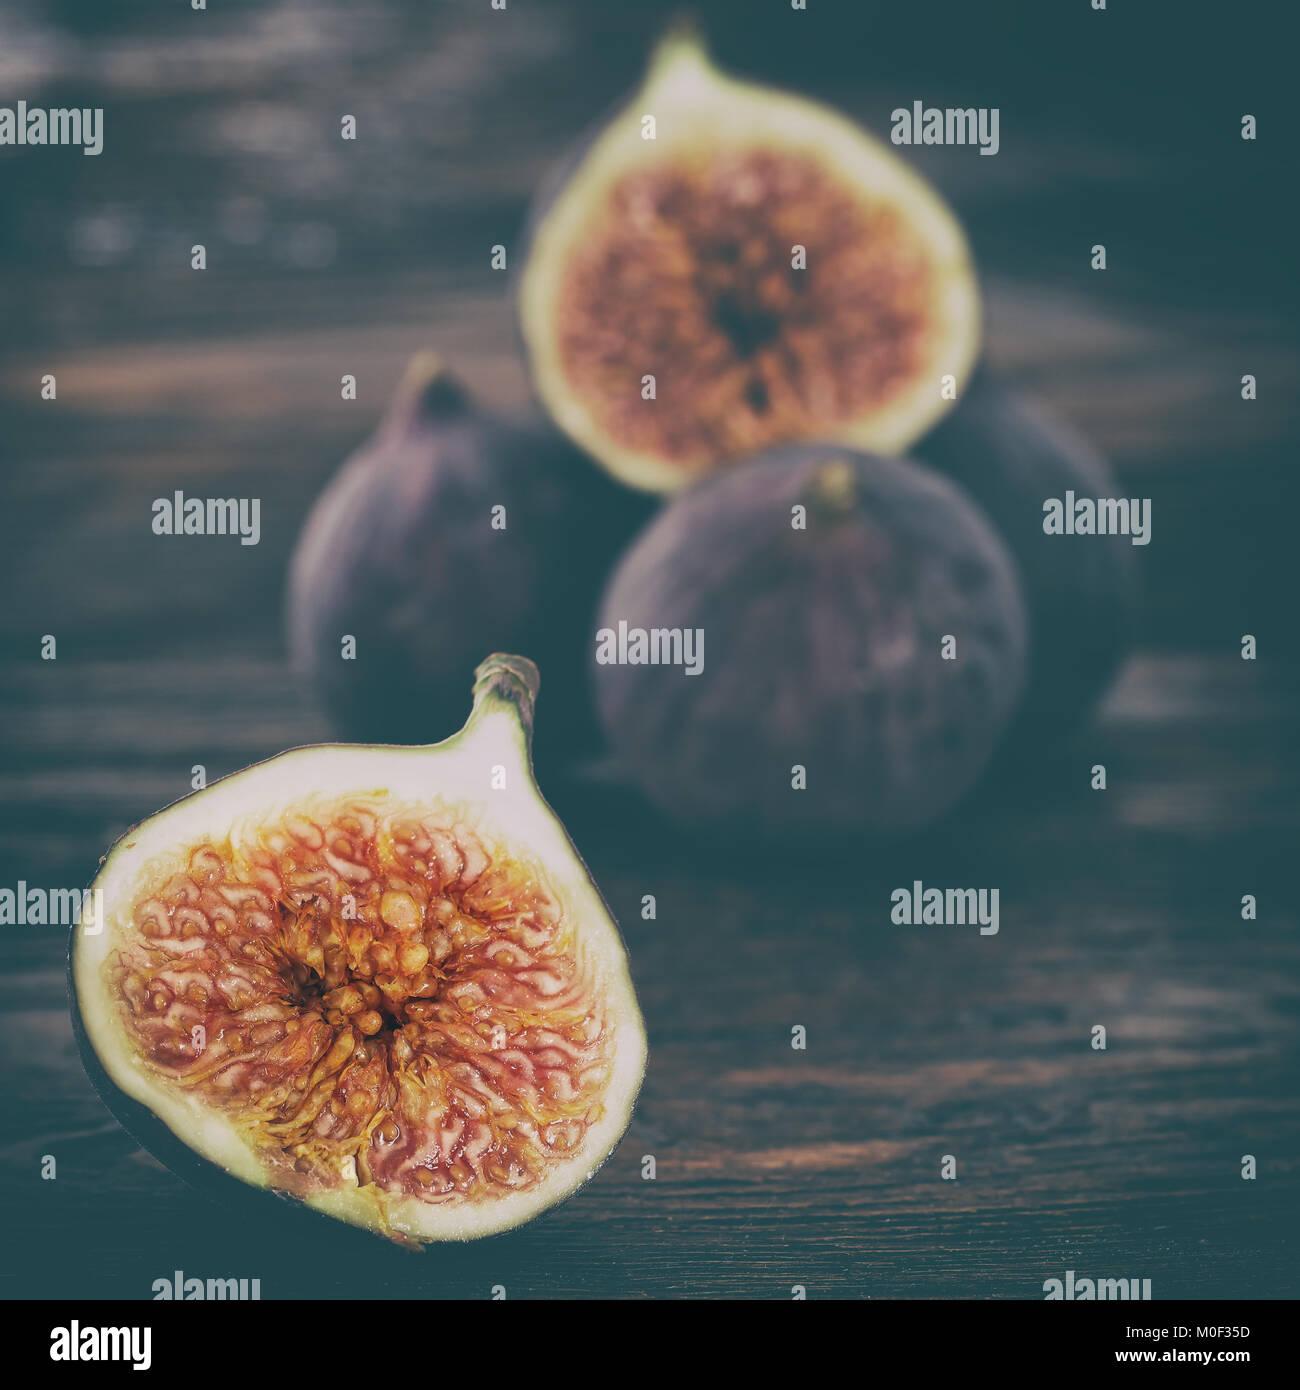 Süße feigen Reif. Gesund bild Obst auf hölzernen Tisch Stockbild